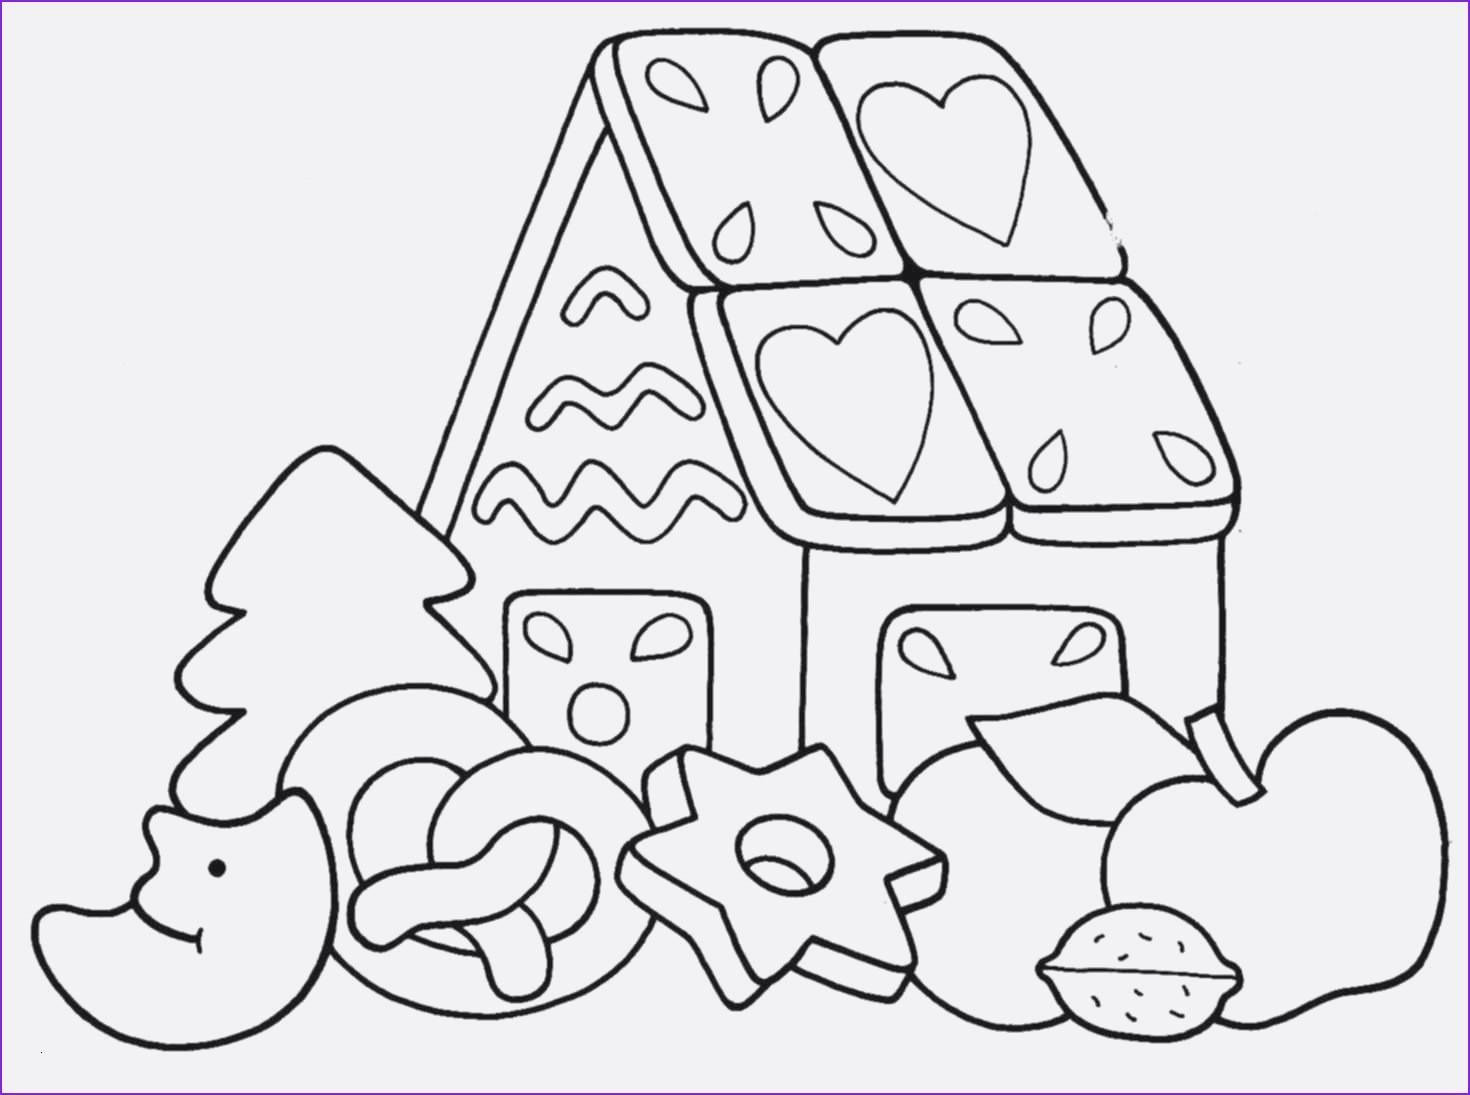 Ausmalbild Bibi Und Tina Auf Amadeus Und Sabrina Einzigartig 40 Schwierige Ausmalbilder Für Erwachsene Buchstaben Scoredatscore Stock